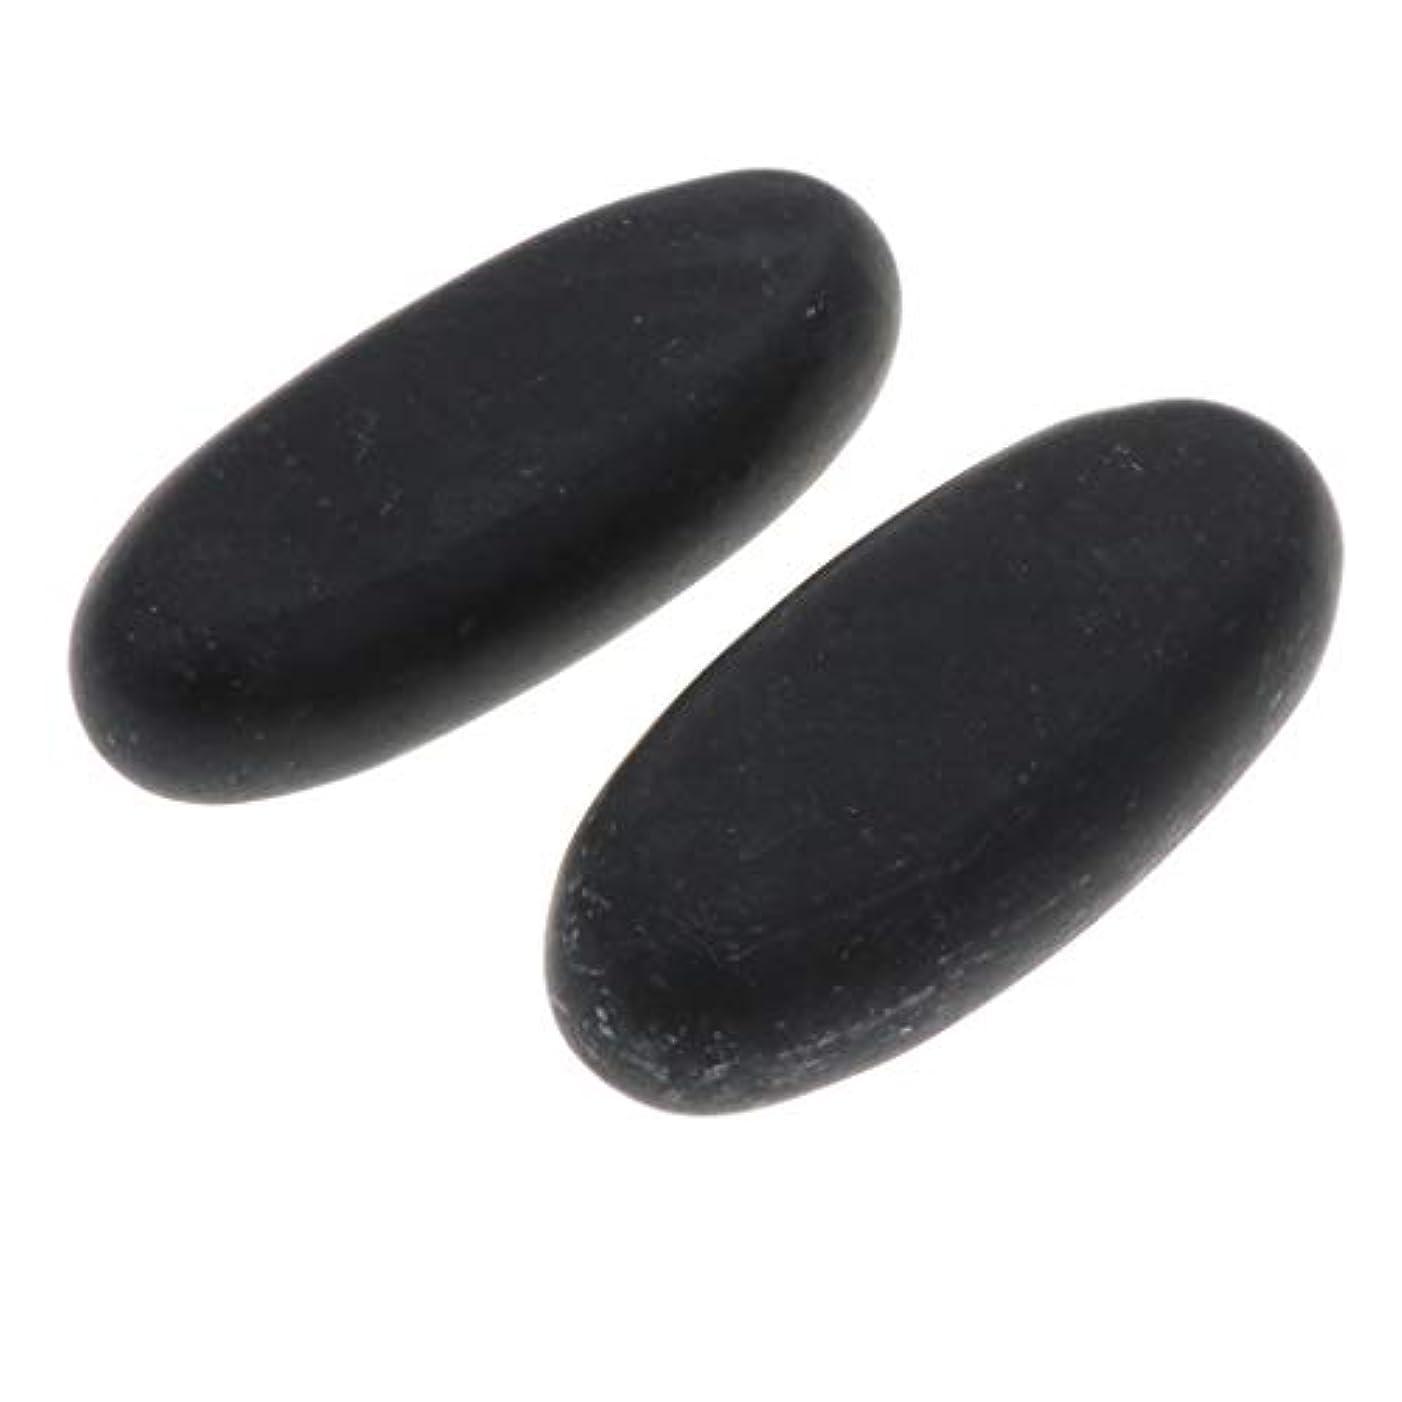 発行する代わりに引退するマッサージ石 マッサージストーン 玄武岩 ボディマッサージ ツボ押し リラクゼーション 全2サイズ - 8×3.2×1.5cm